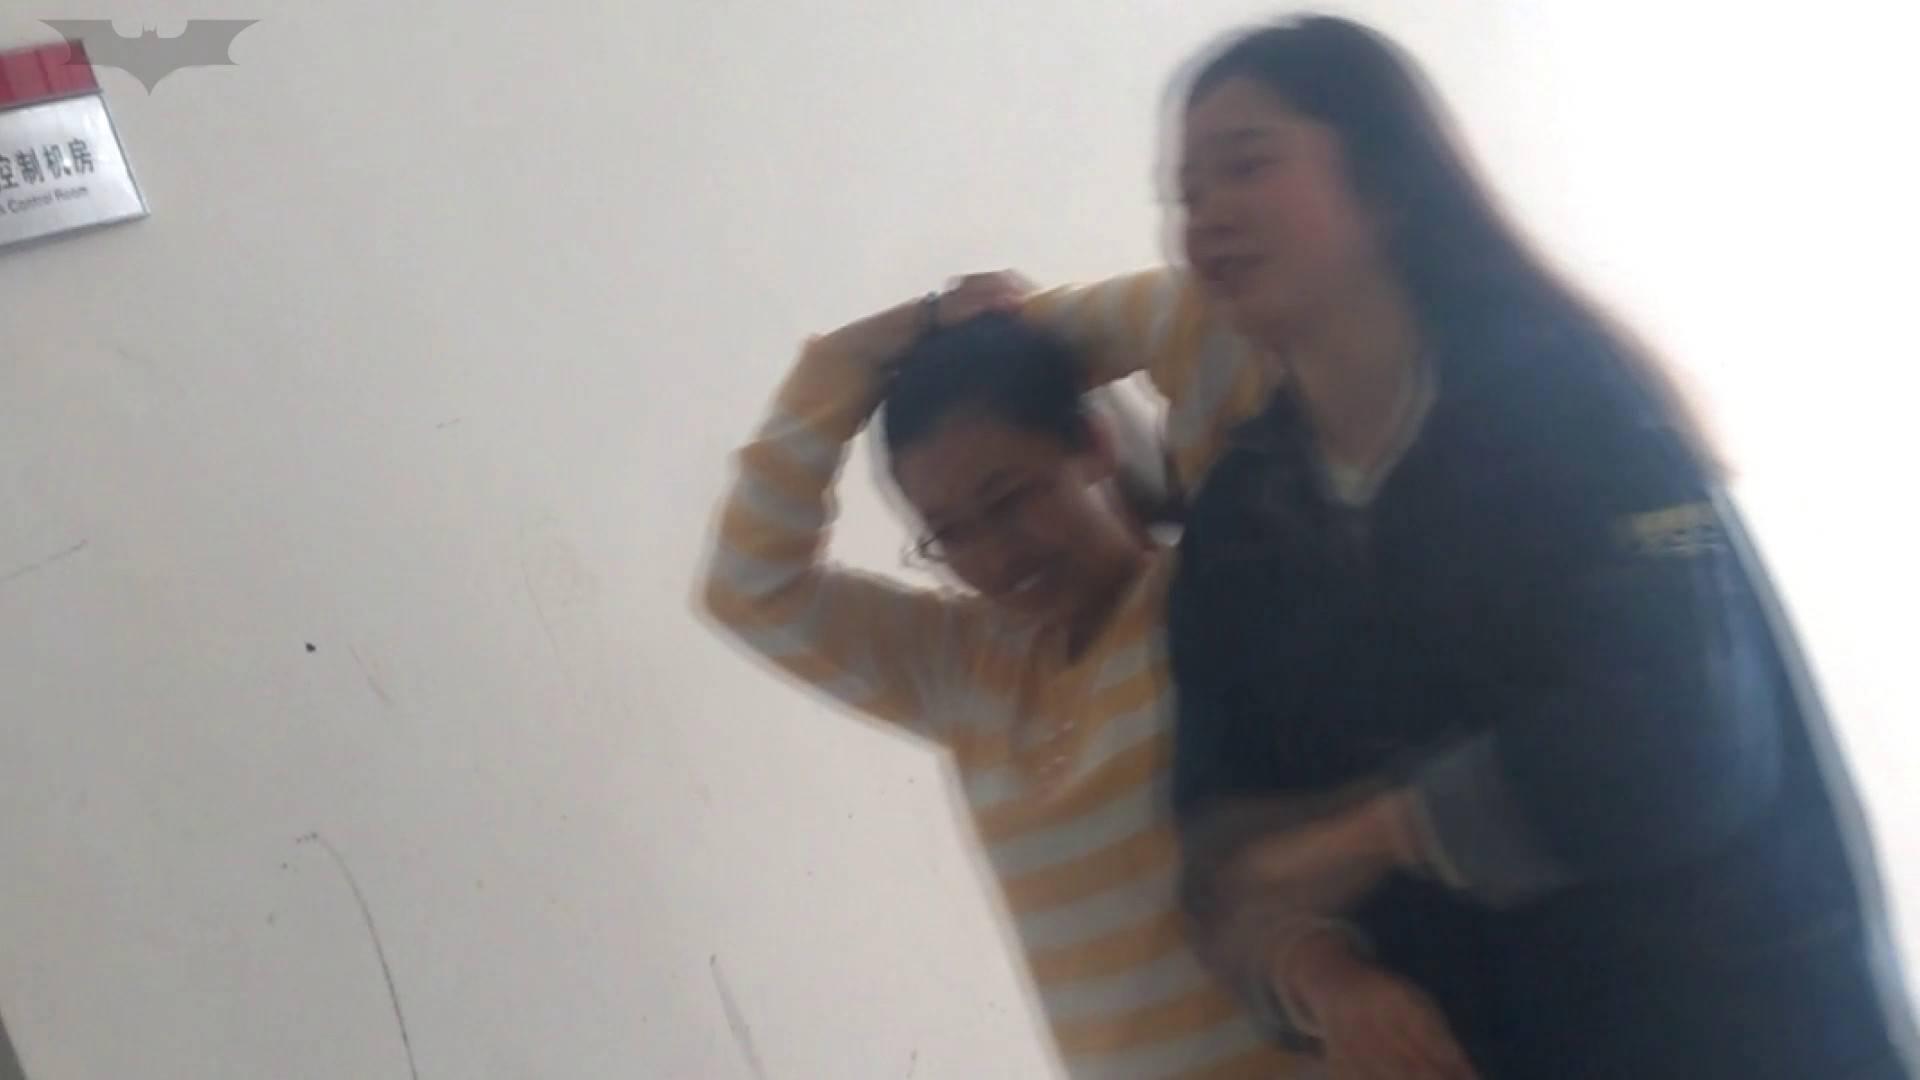 JD盗撮 美女の洗面所の秘密 Vol.05 美肌 すけべAV動画紹介 59画像 58